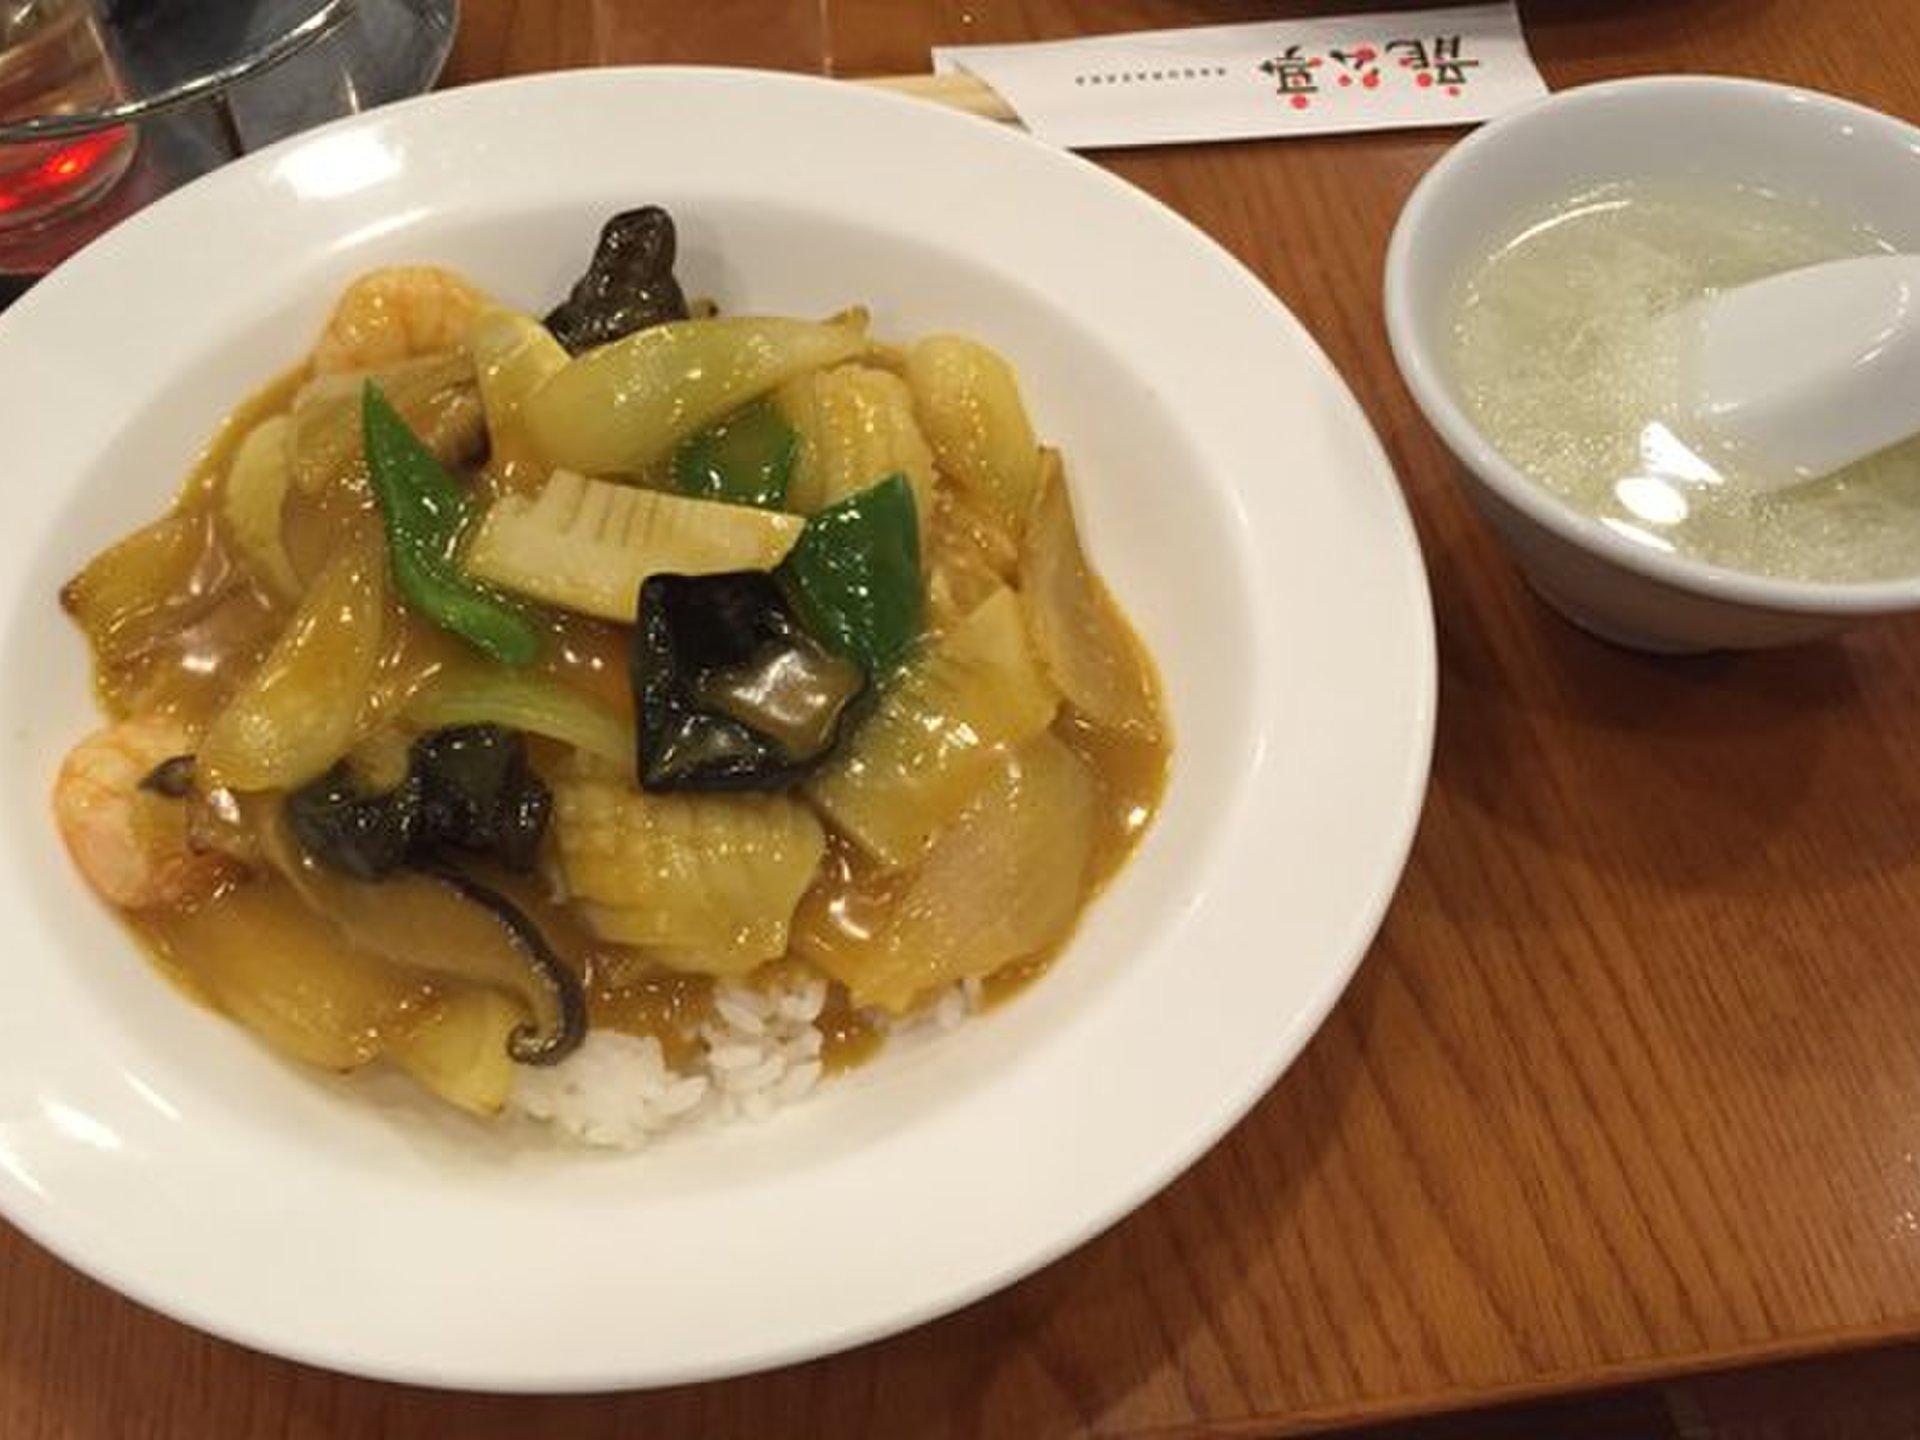 【23区グルメおすすめ3選~新宿区編~】繁華街新宿区で食べたいおすすめグルメ